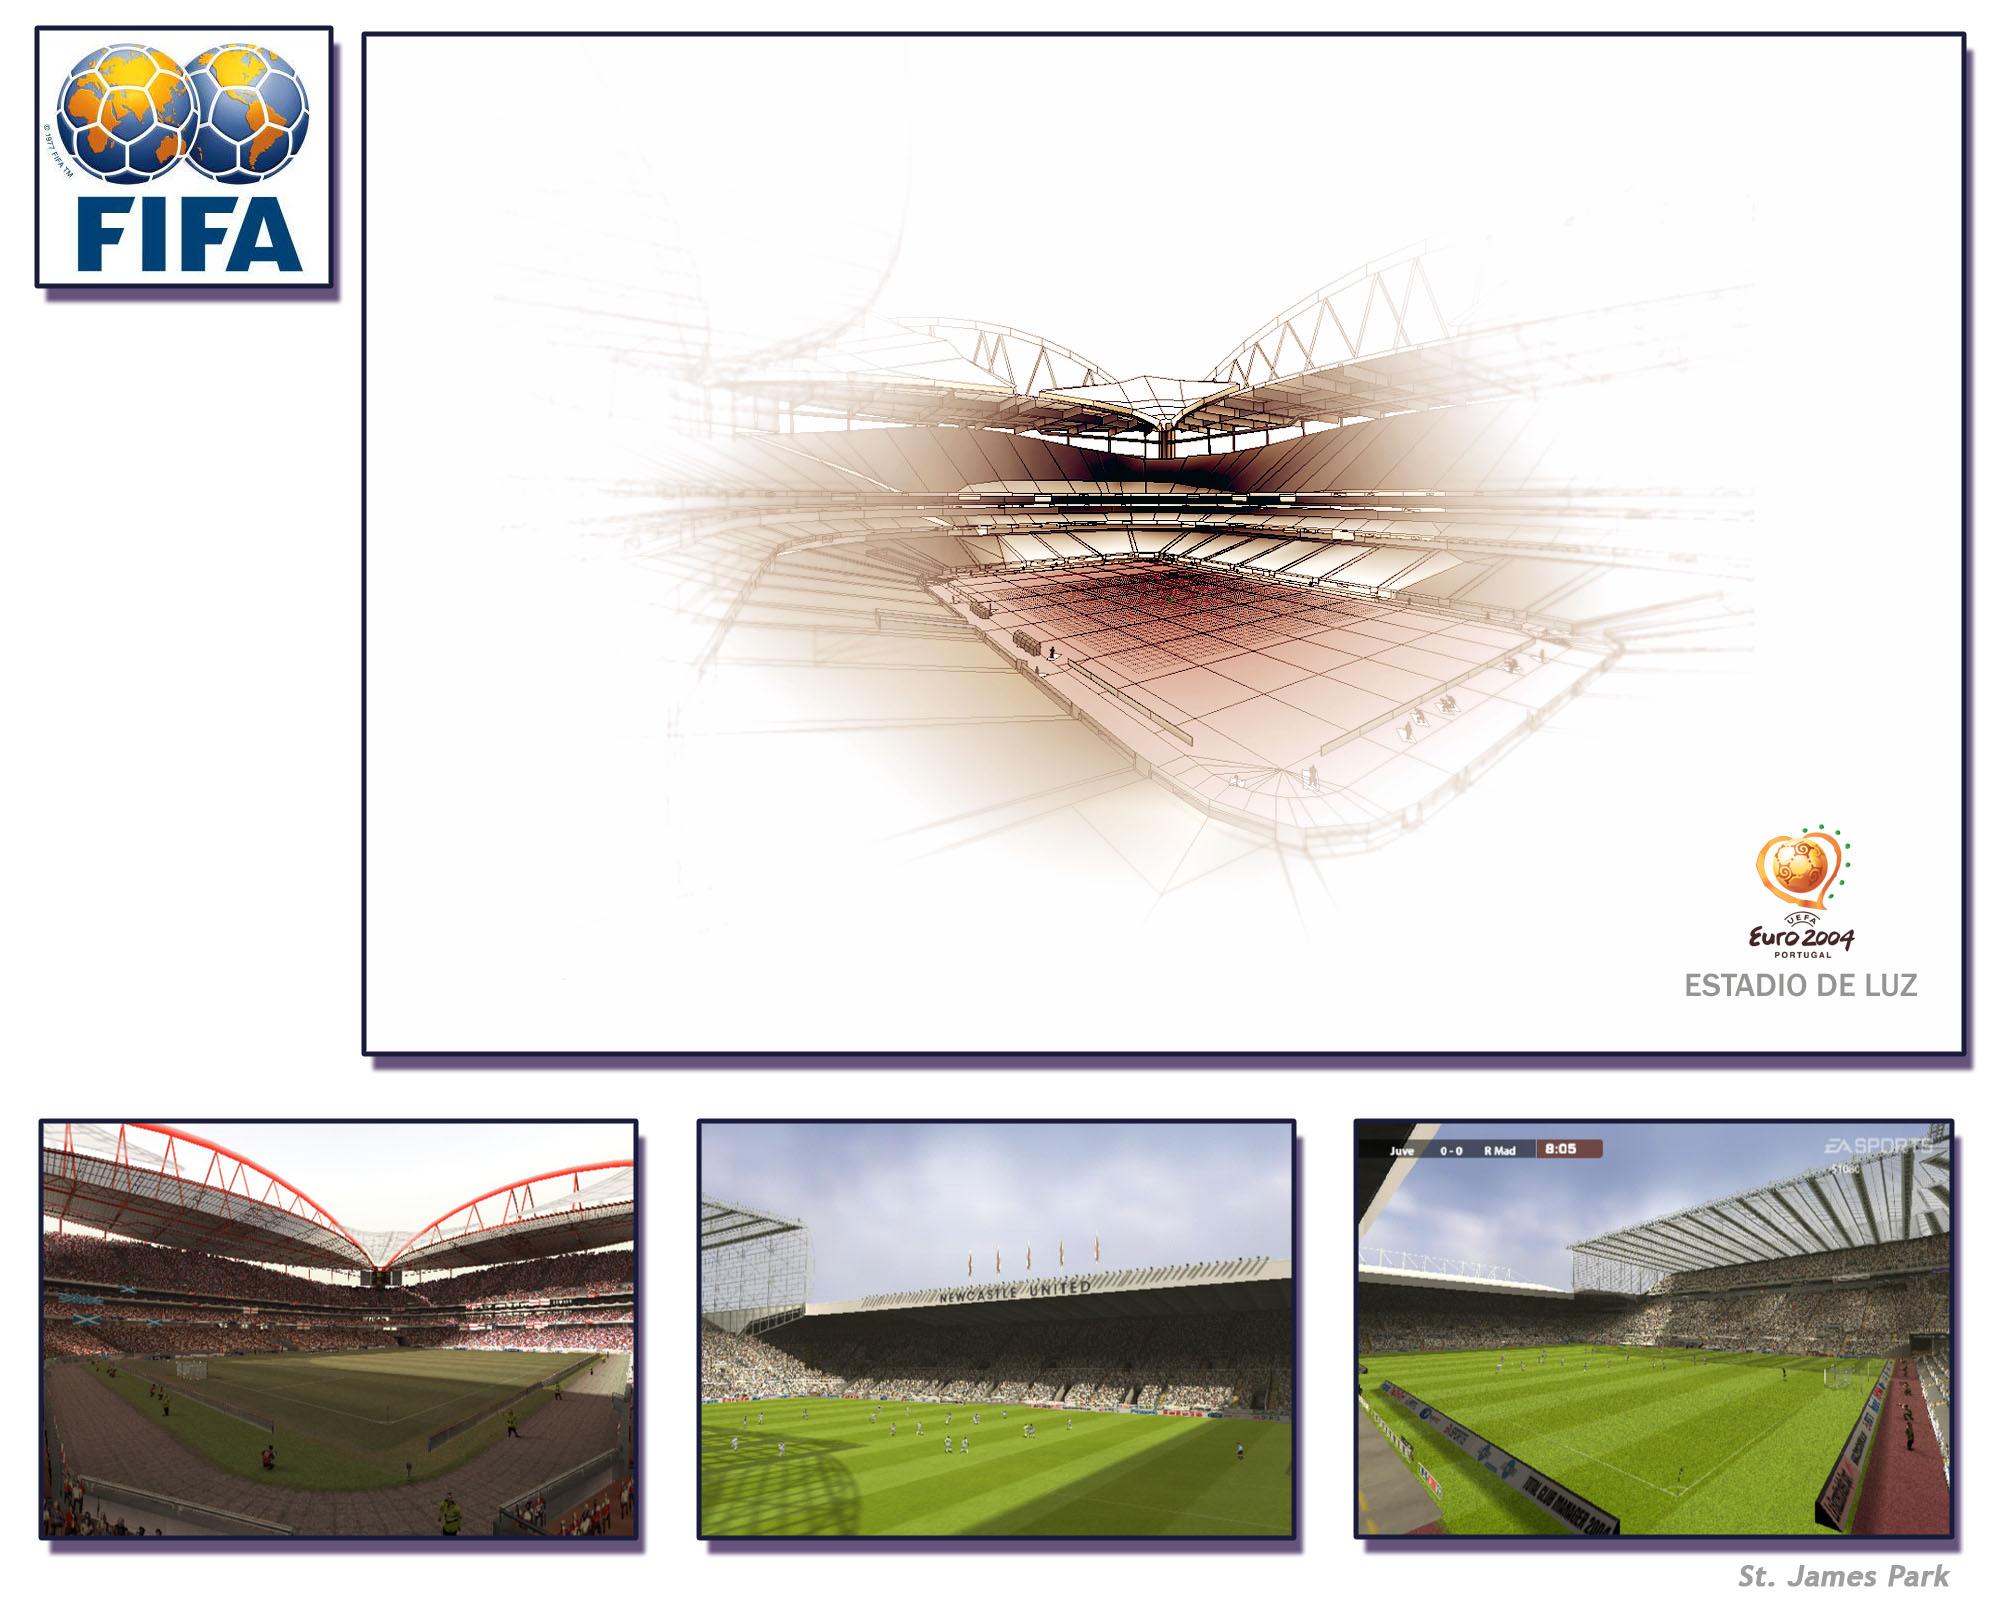 Fifa 2004 & Euro, 2005 (Associate Artist)